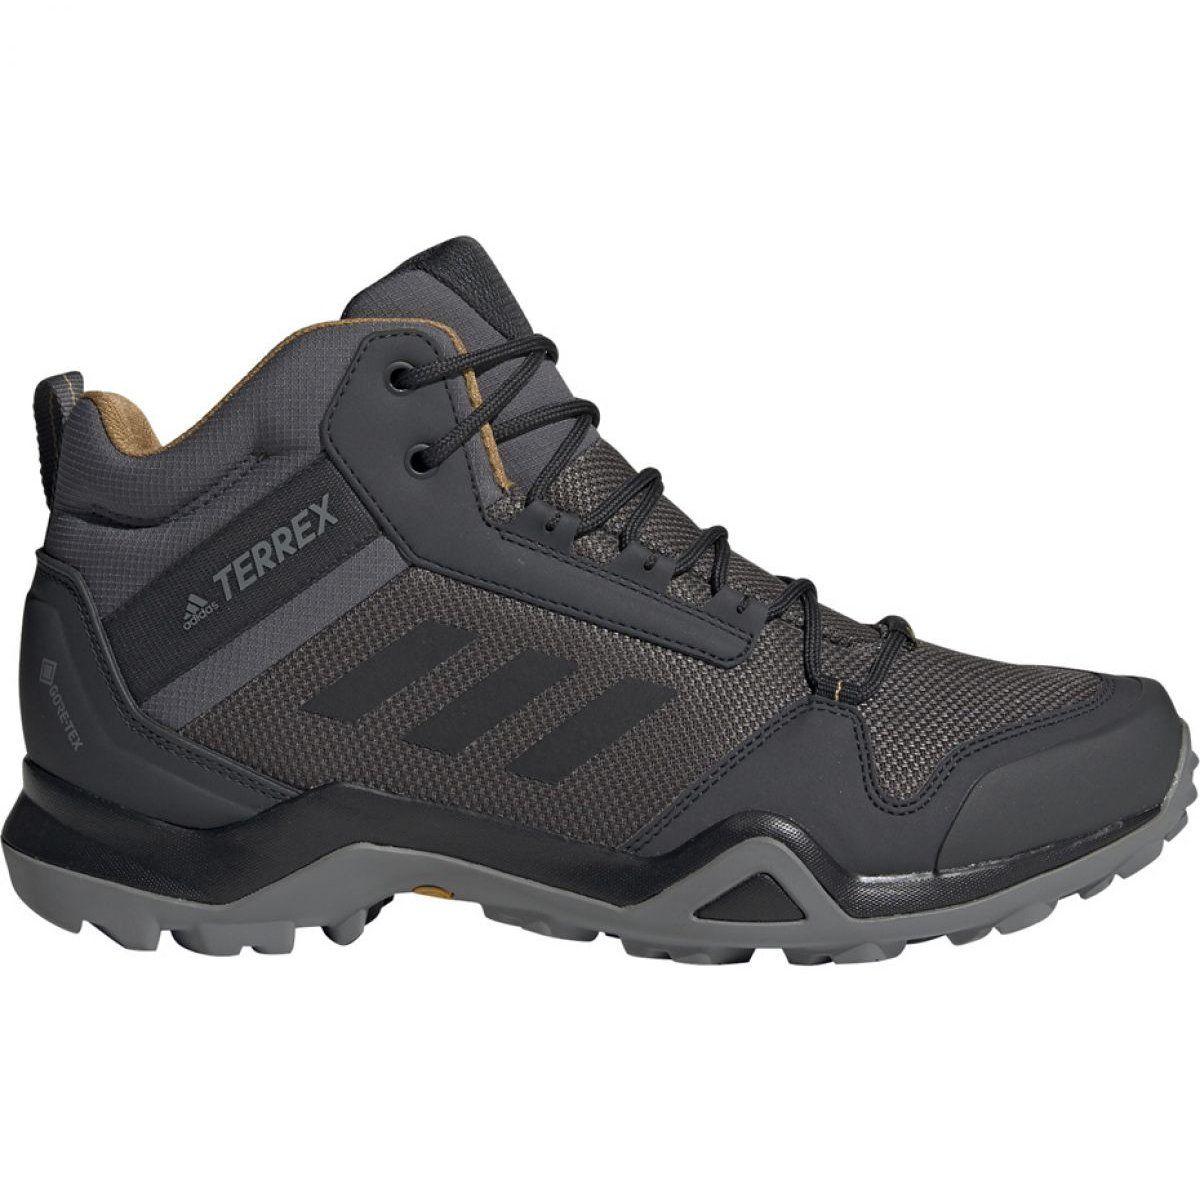 Buty Adidas Terrex Ax3 Mid Gtx M Bc0468 Czarne Szare Hiking Boots Women Hiking Boots Mens Hiking Boots